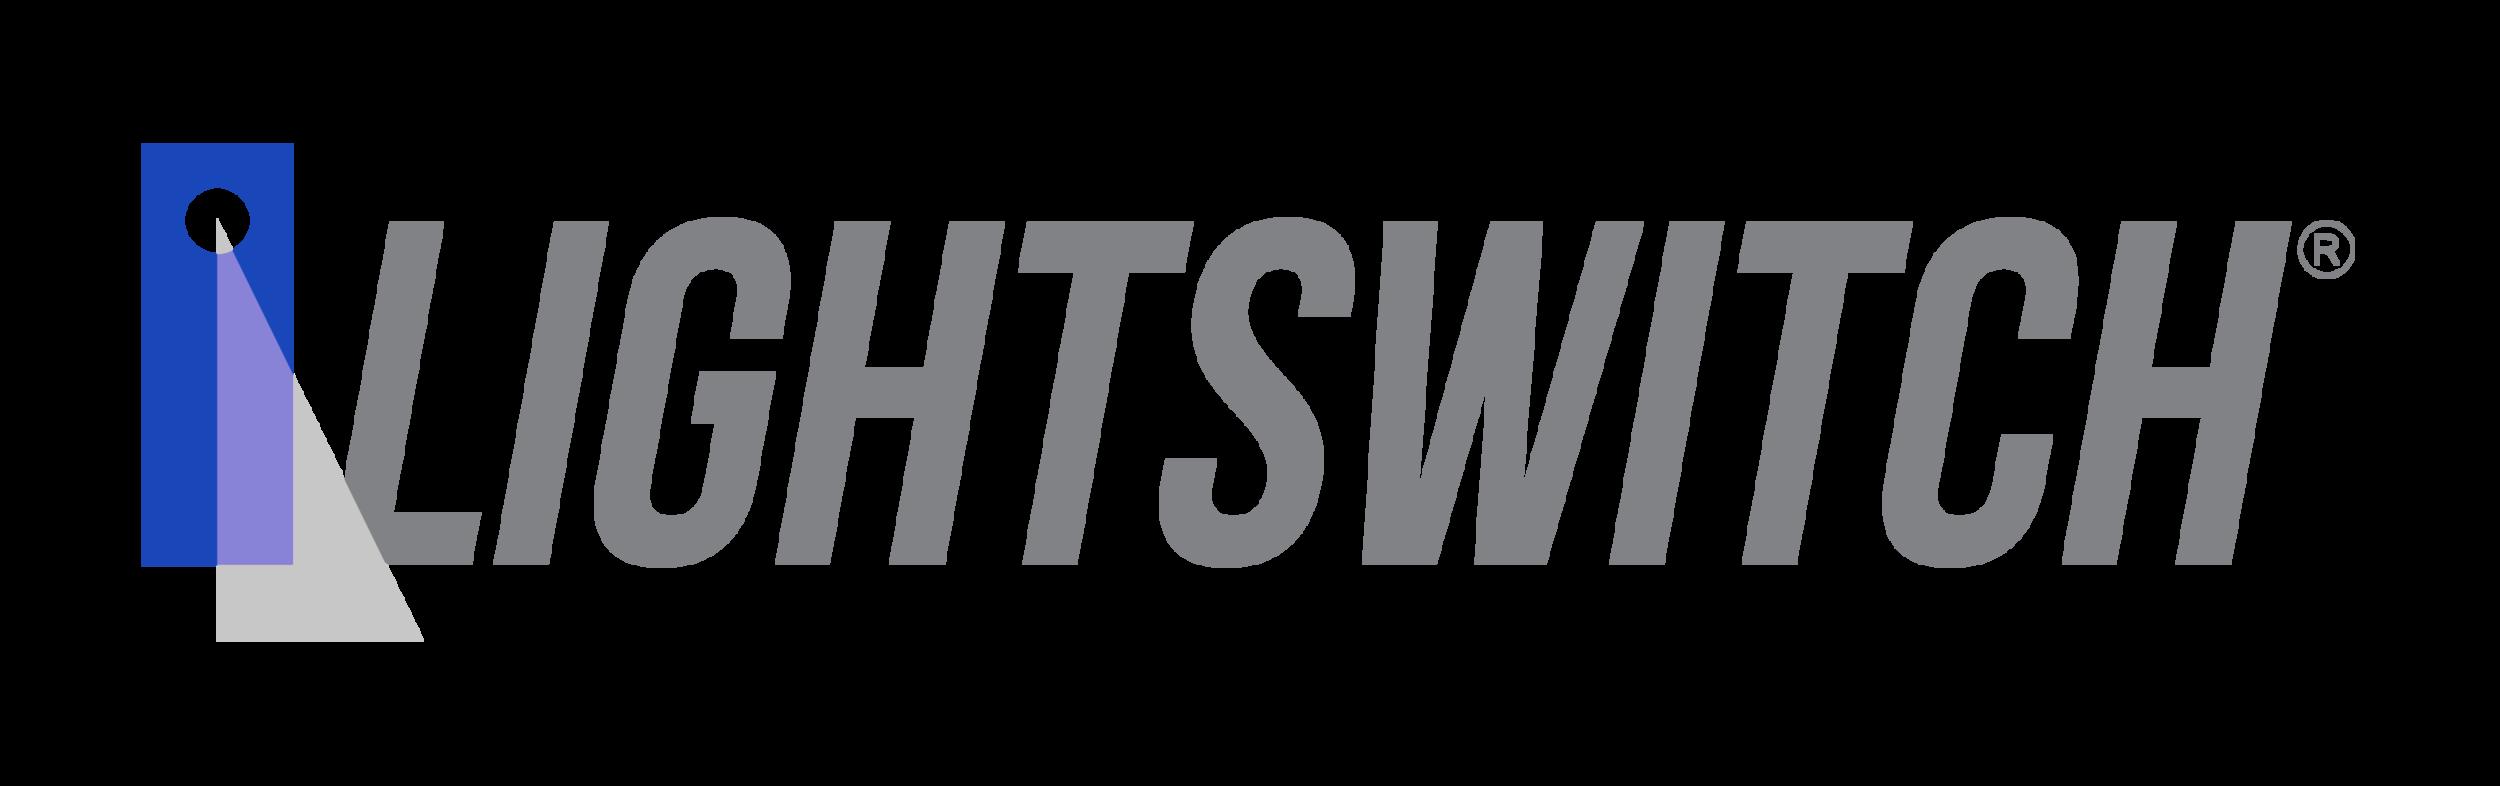 LS logo color 2019.png